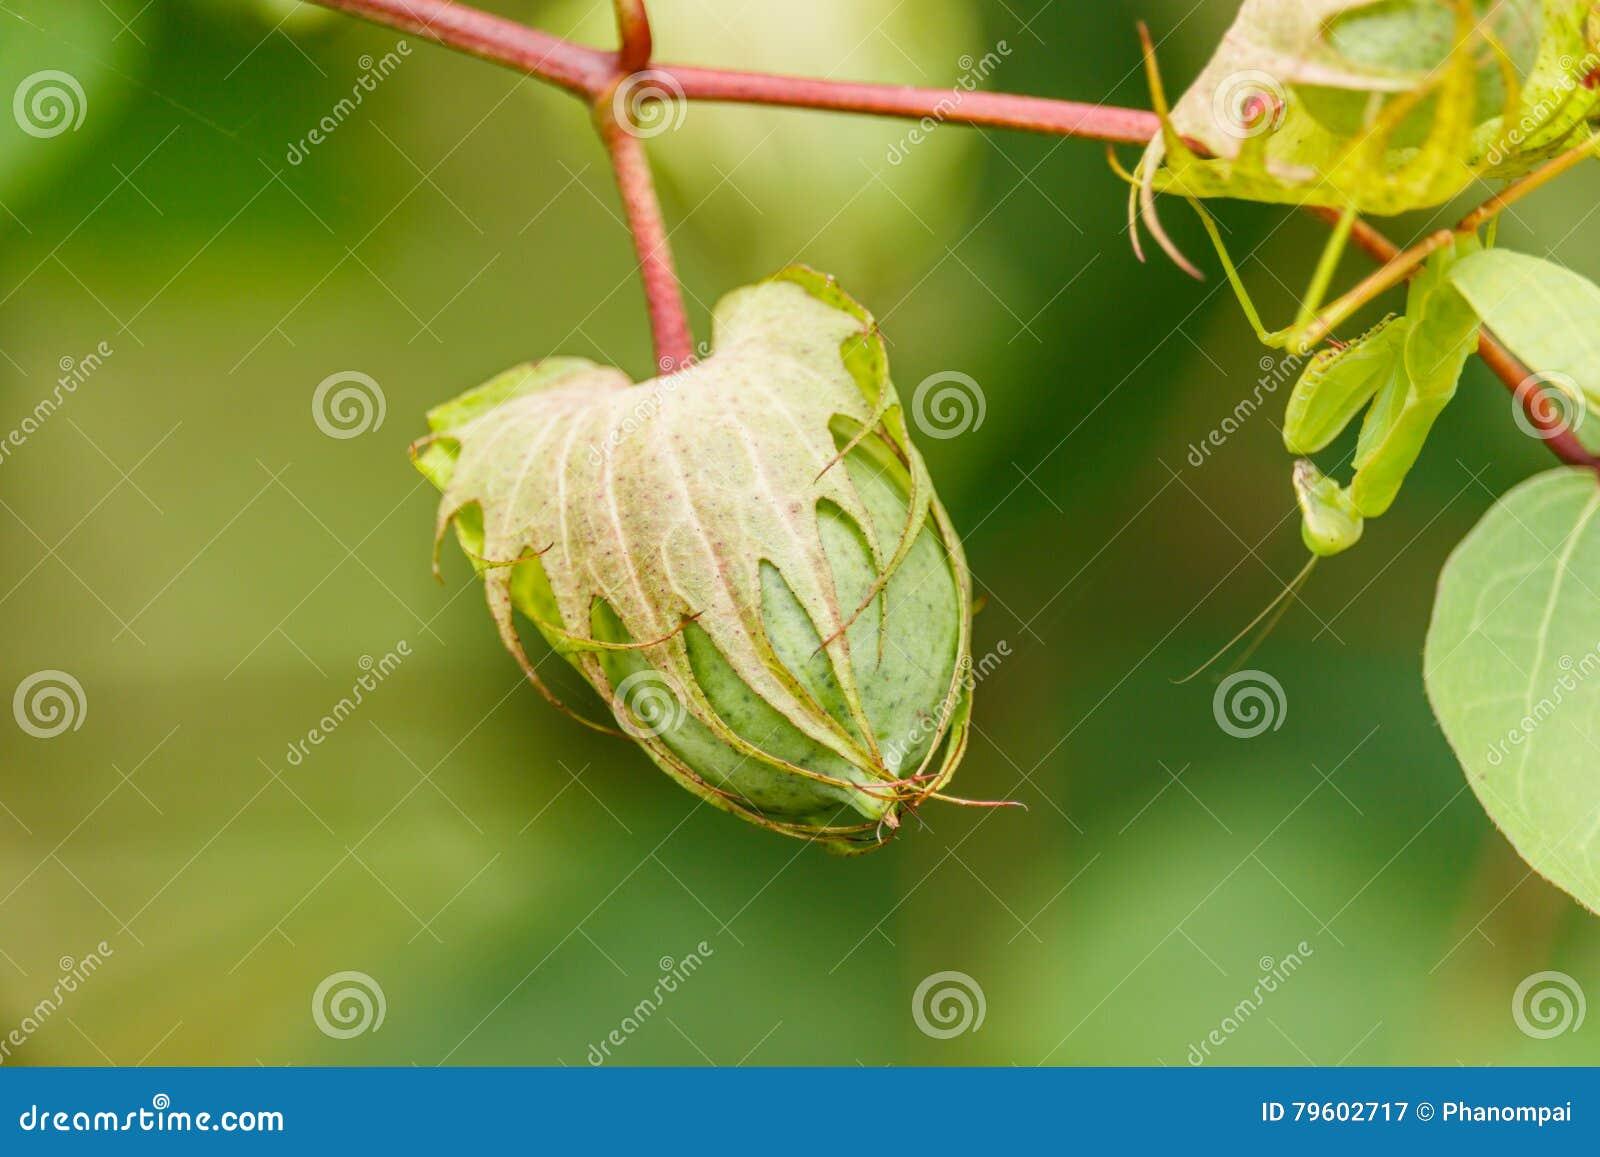 Planta e semente de algodão